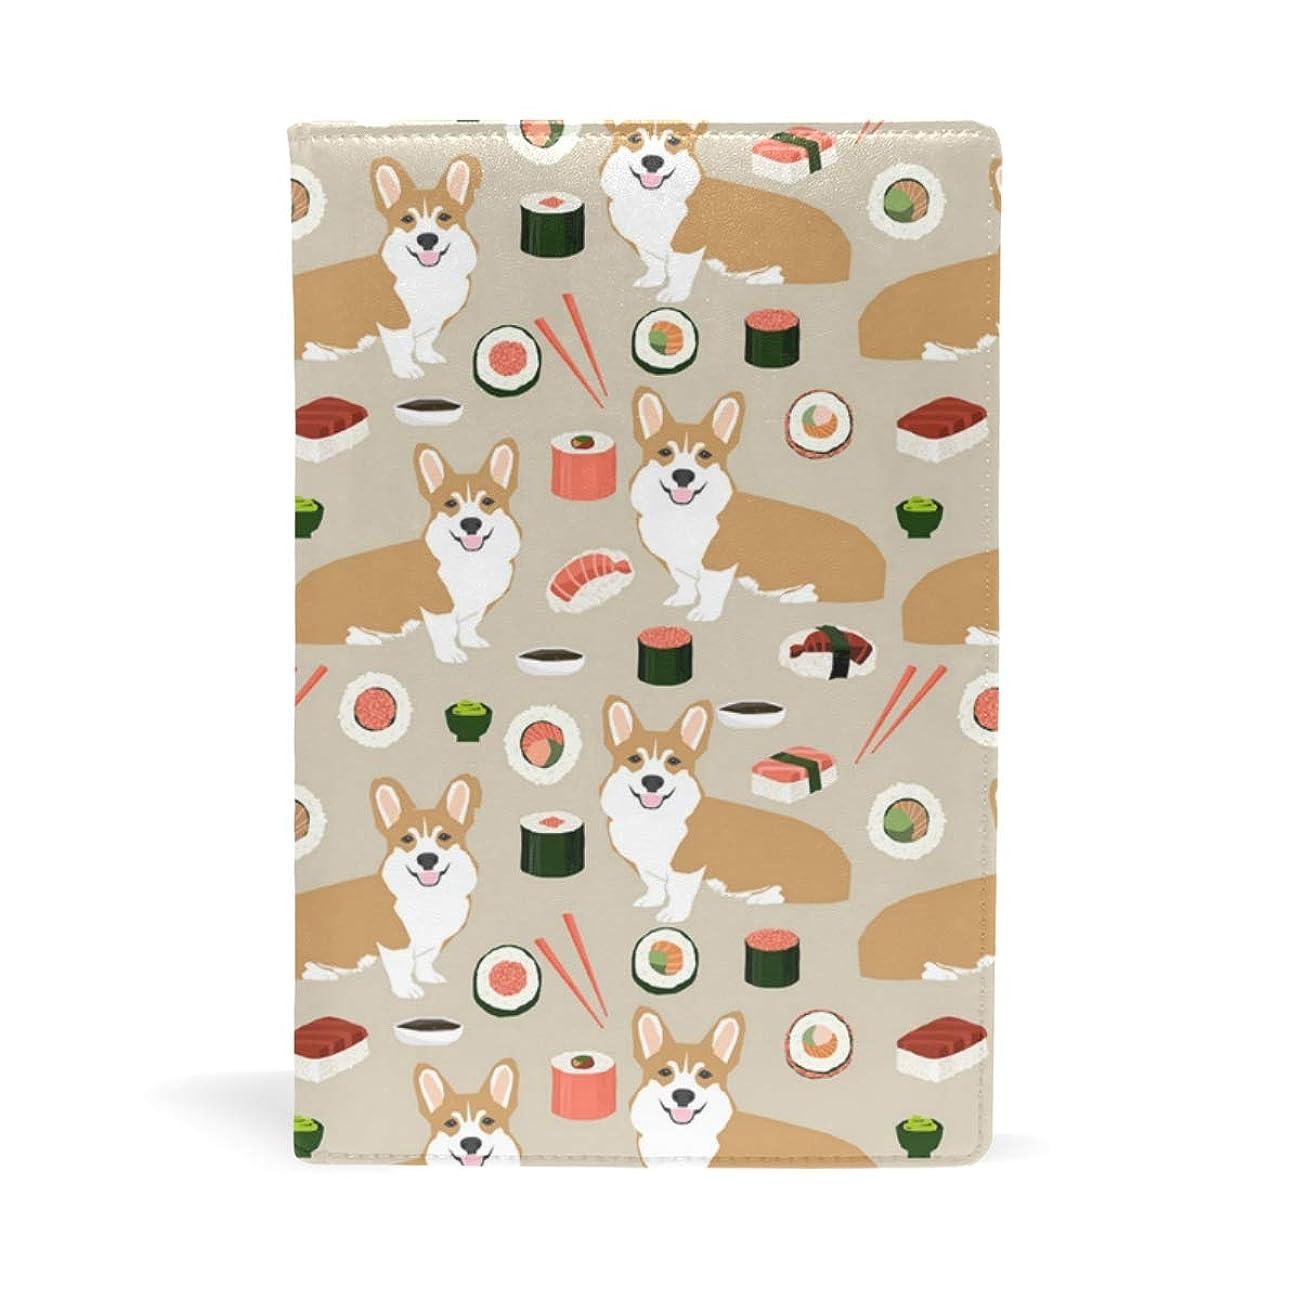 コンサルタント姉妹びっくりしたコーギー 寿司 ブックカバー 文庫 a5 皮革 おしゃれ 文庫本カバー 資料 収納入れ オフィス用品 読書 雑貨 プレゼント耐久性に優れ